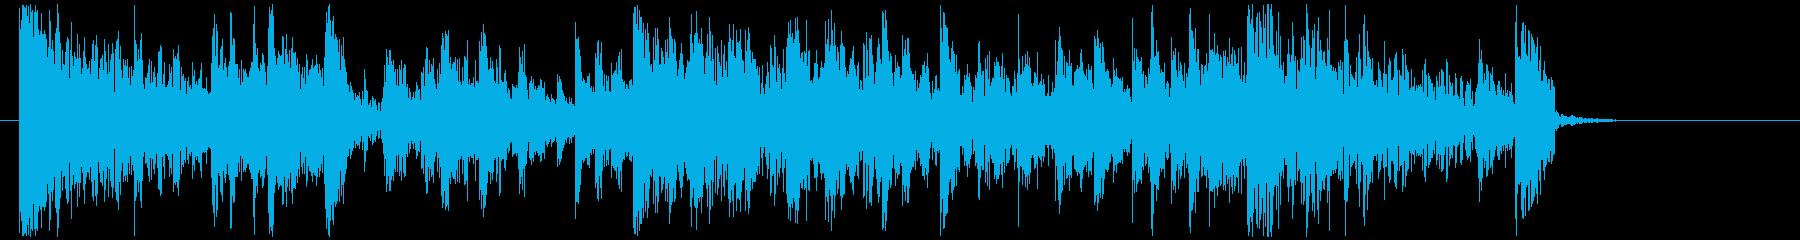 【ジングル】映画風 パーカッション5の再生済みの波形